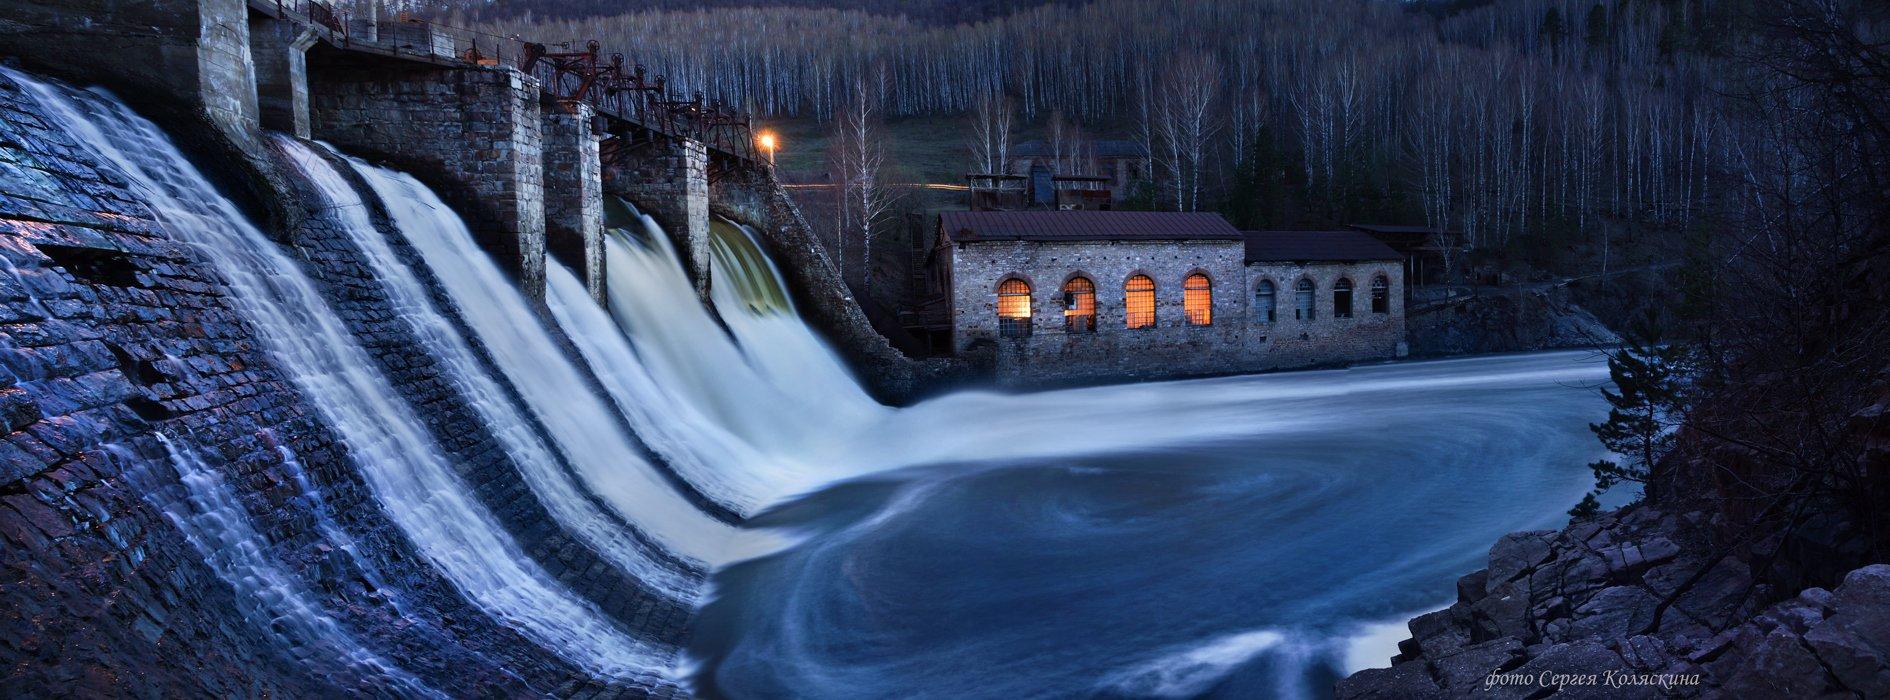 пороги, фотограф сергей коляскин, водоворот, панорама, гэс, гидроэлектростанция, Сергей Коляскин